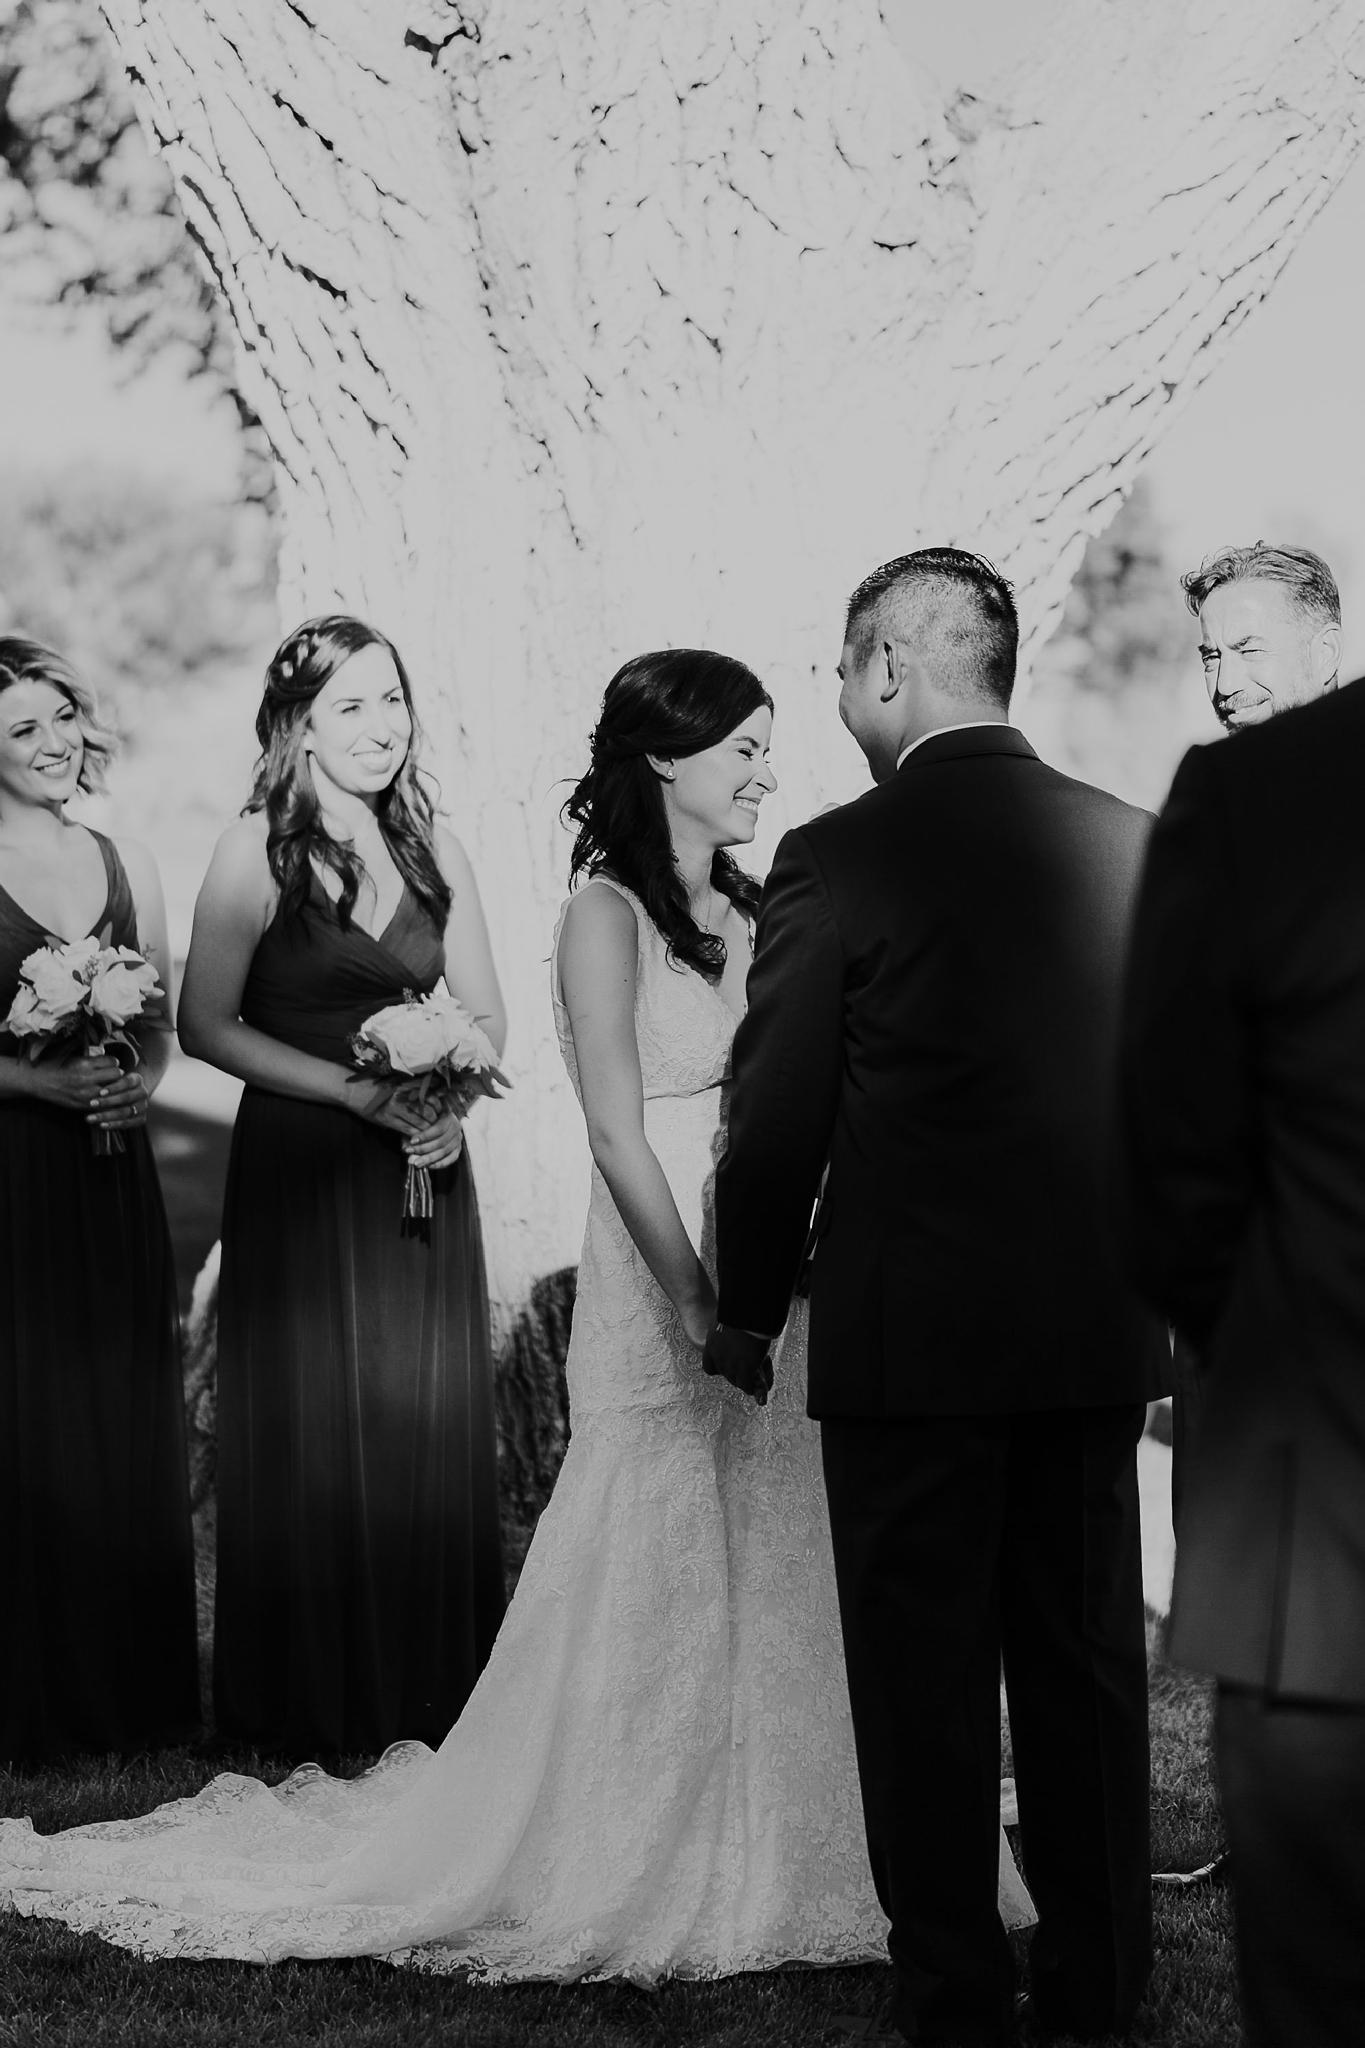 Alicia+lucia+photography+-+albuquerque+wedding+photographer+-+santa+fe+wedding+photography+-+new+mexico+wedding+photographer+-+new+mexico+wedding+-+wedding+vows+-+writing+your+own+vows+-+wedding+inspo_0010.jpg